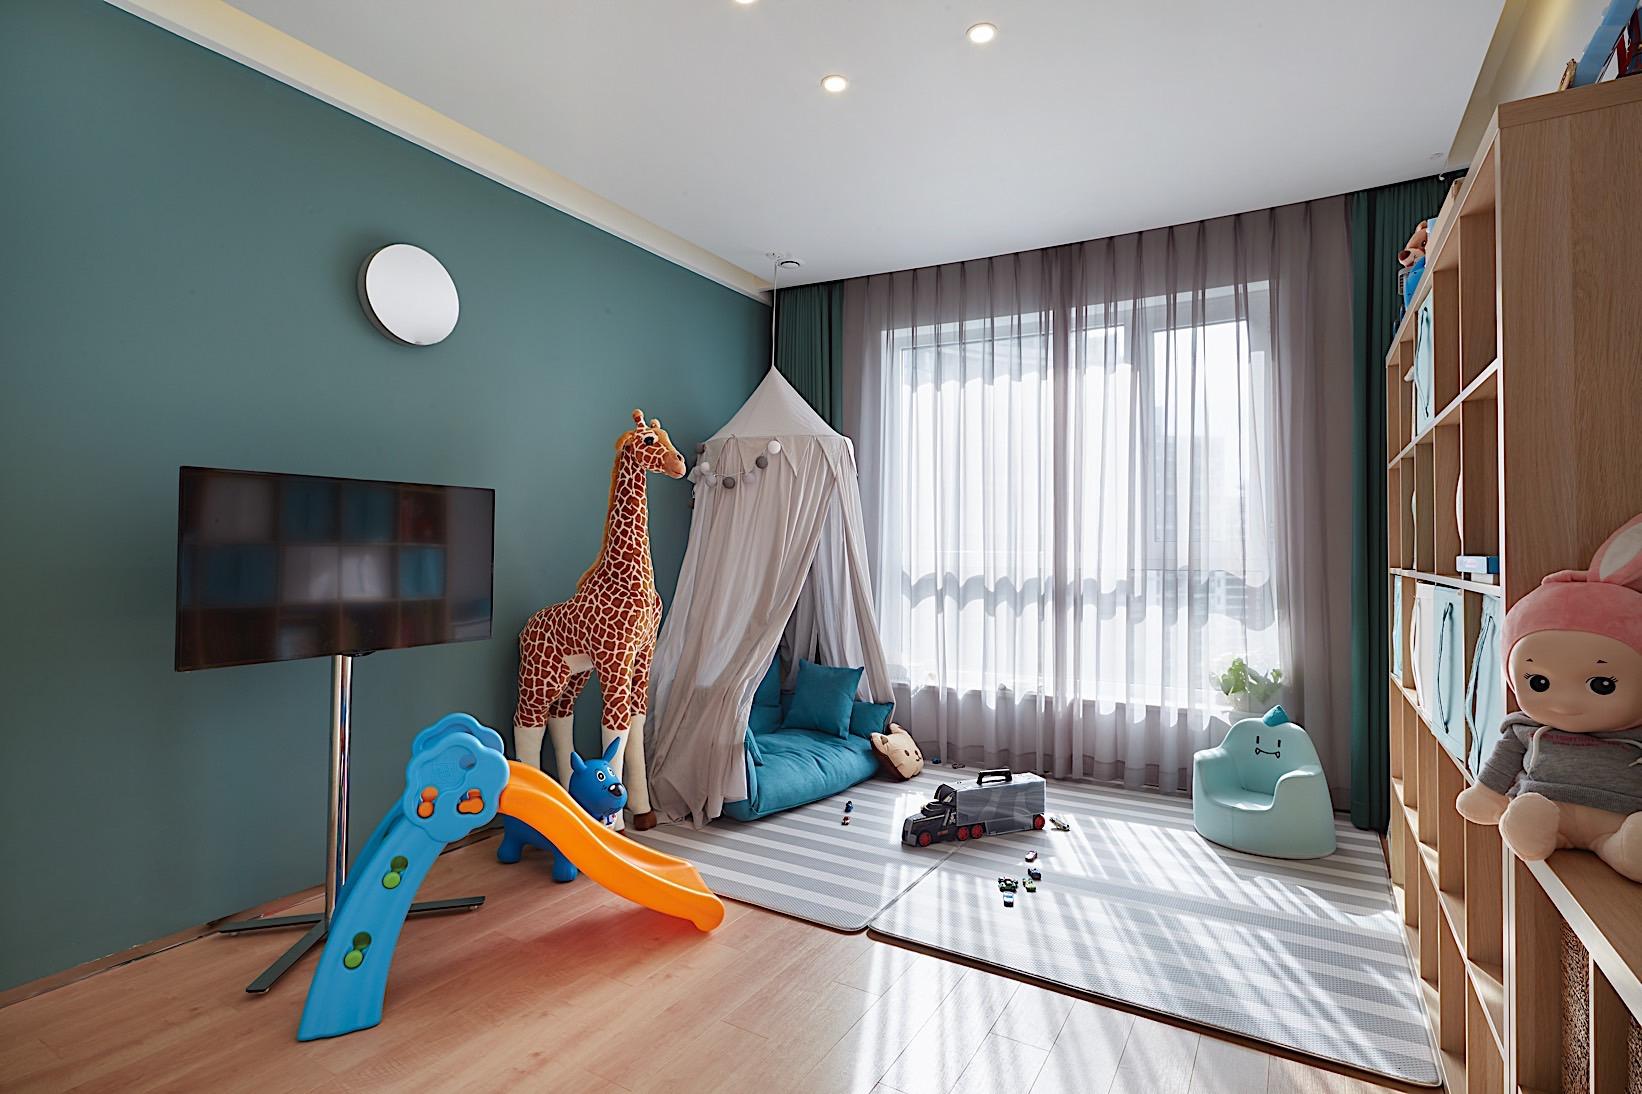 徐汇豪宅 中凯城市 大平层装修 现代风格 儿童房图片来自孔继民在徐汇中凯城市之光450平大平层的分享